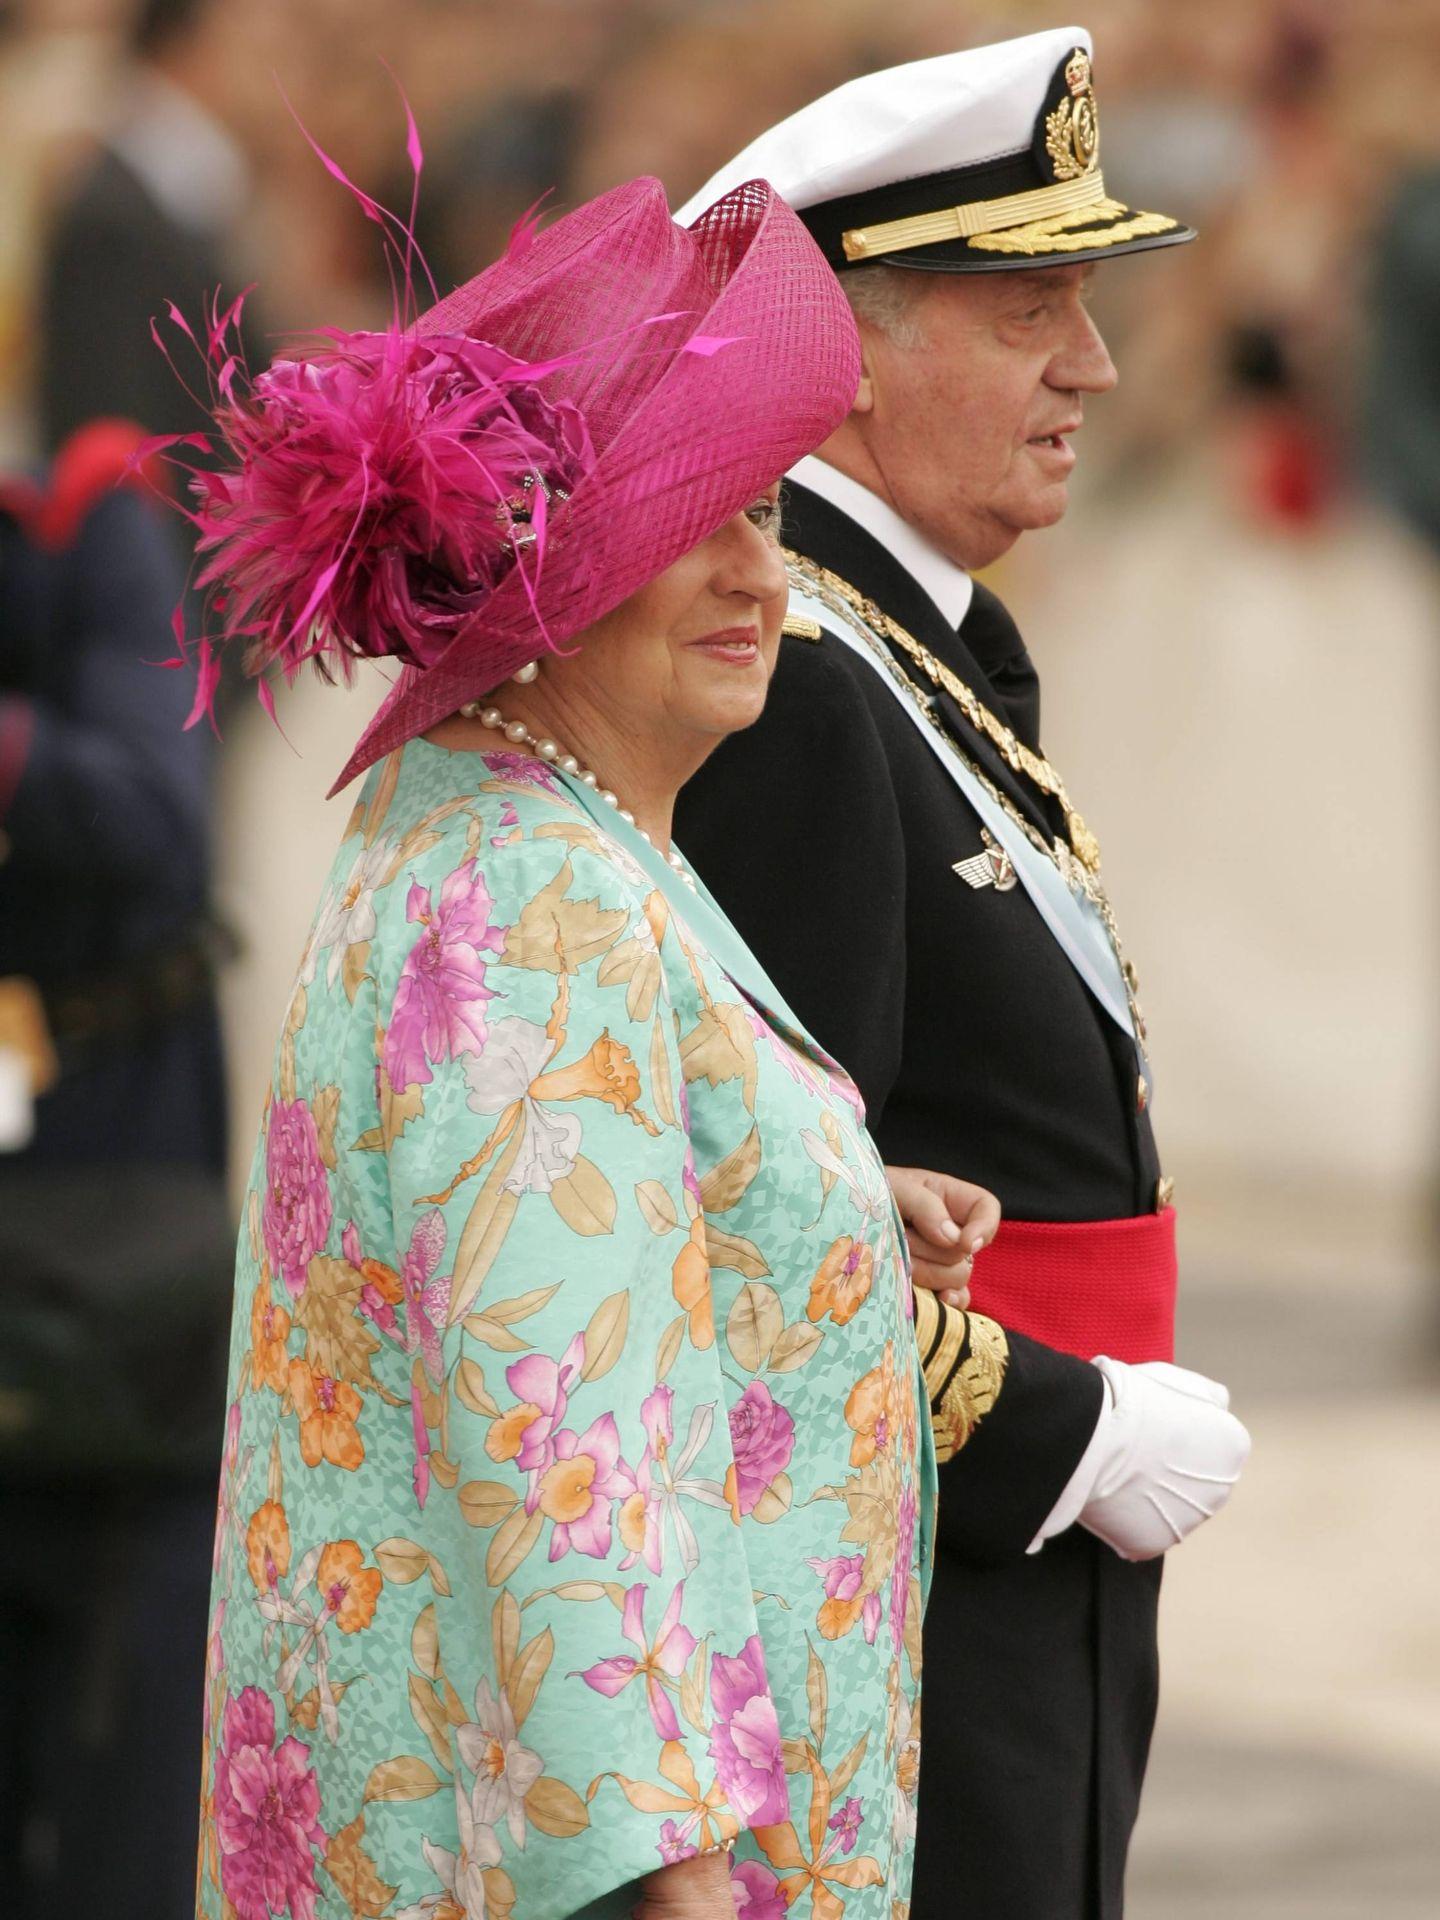 Boda del entonces príncipe Felipe y Letizia Ortiz en 2004. (Cordon Press)